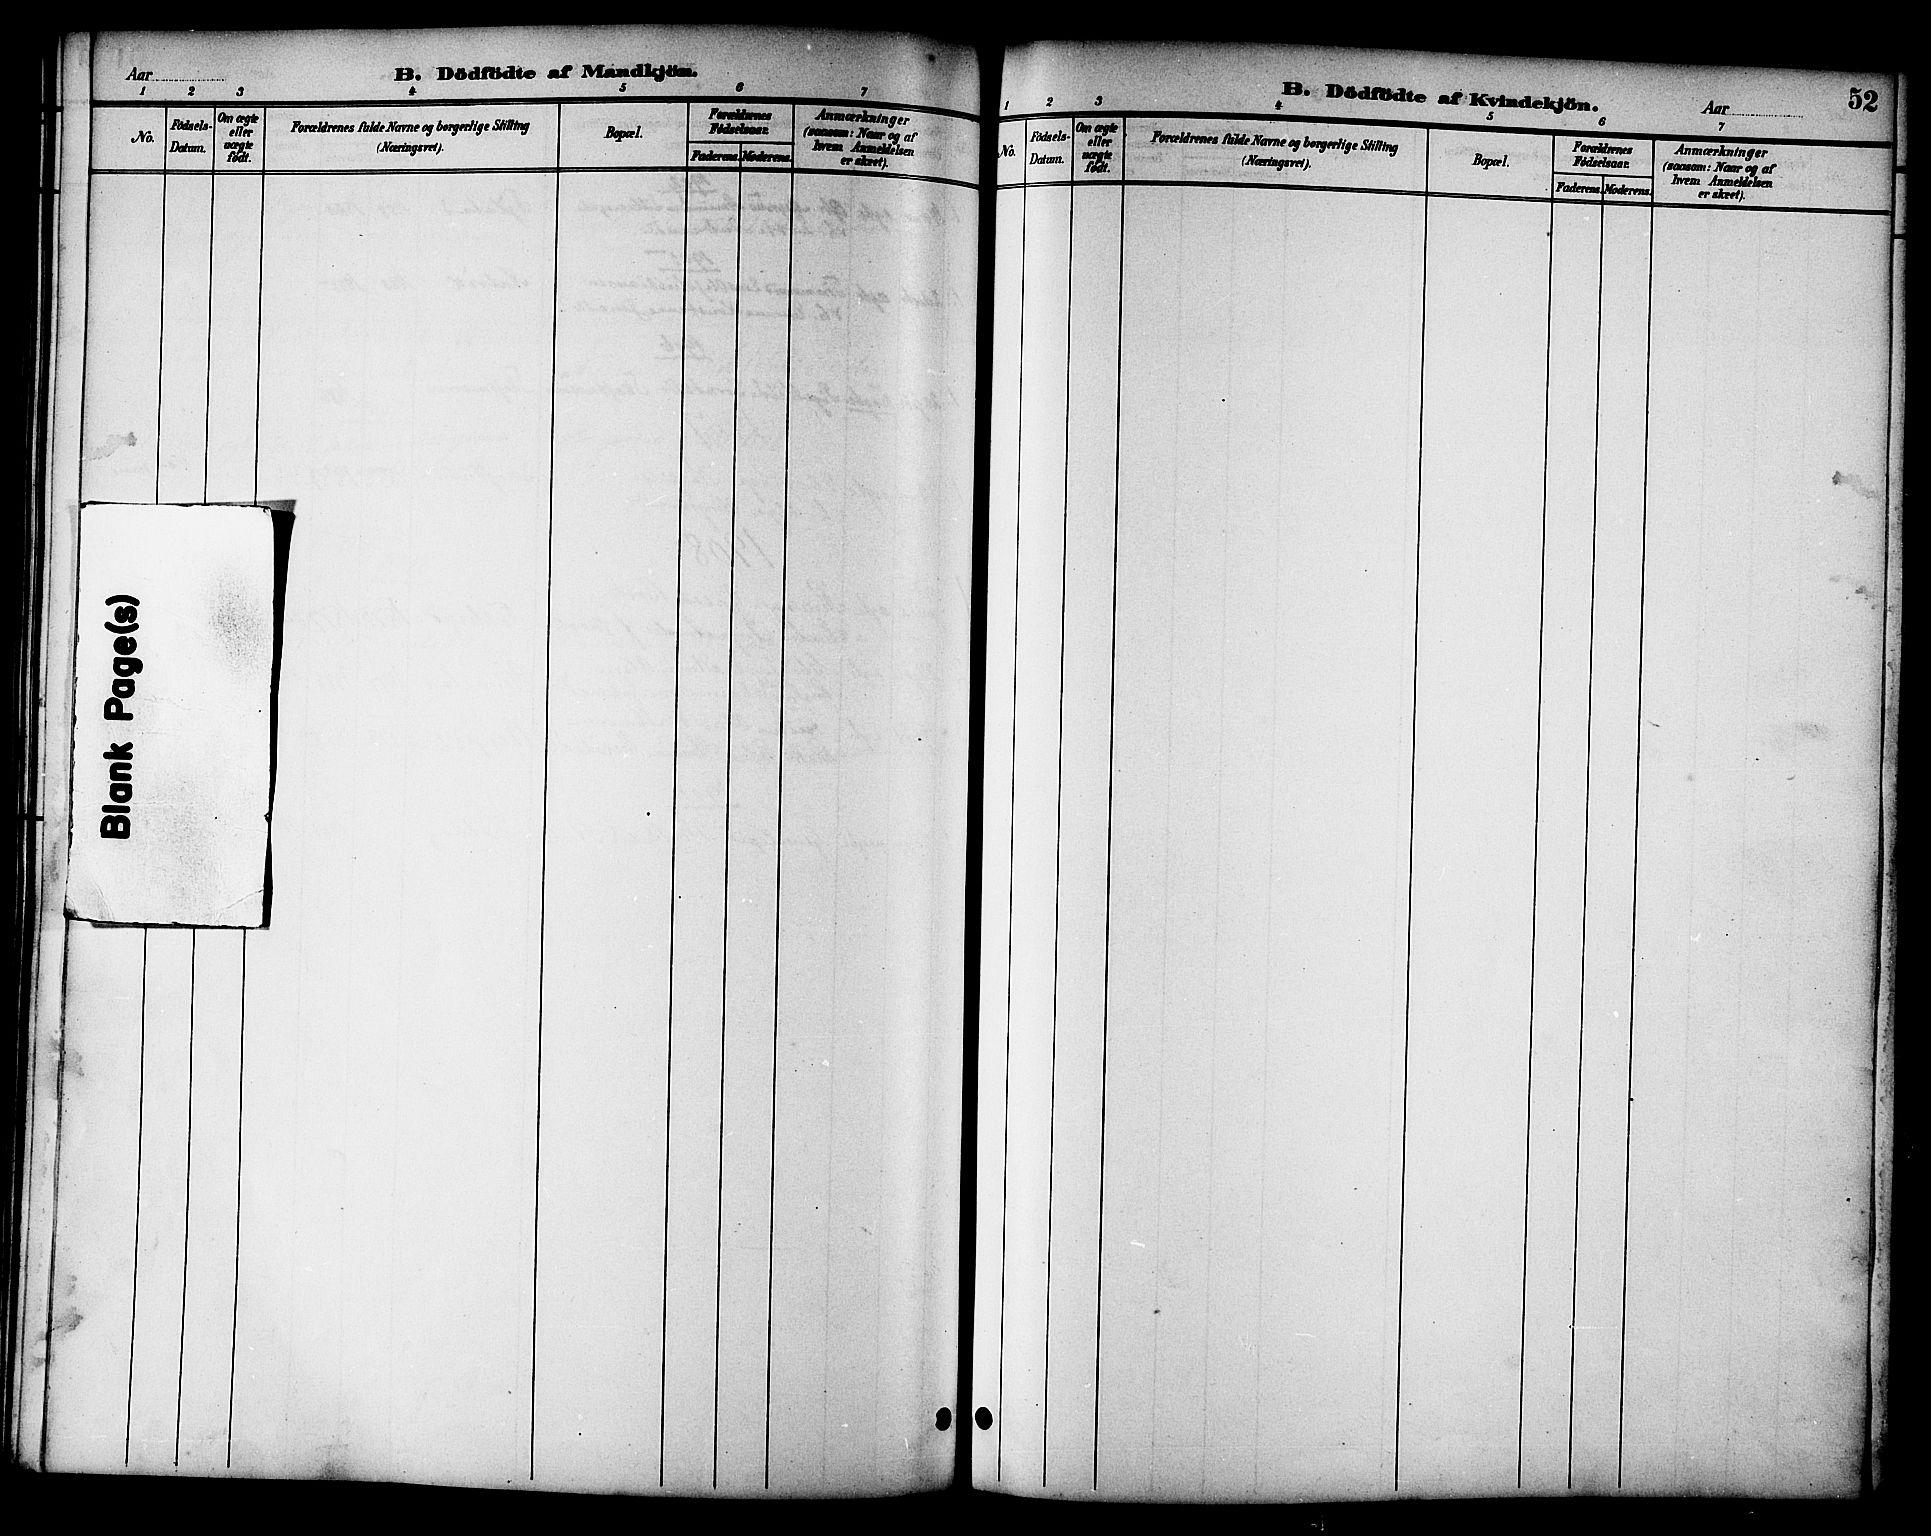 SAT, Ministerialprotokoller, klokkerbøker og fødselsregistre - Nord-Trøndelag, 783/L0662: Klokkerbok nr. 783C02, 1894-1919, s. 52